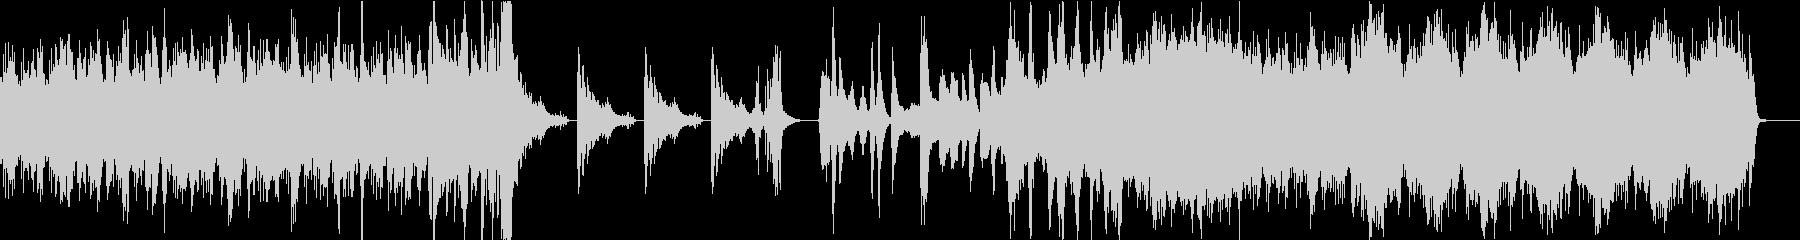 頭に残る奇妙な和風ホラーBGMの未再生の波形